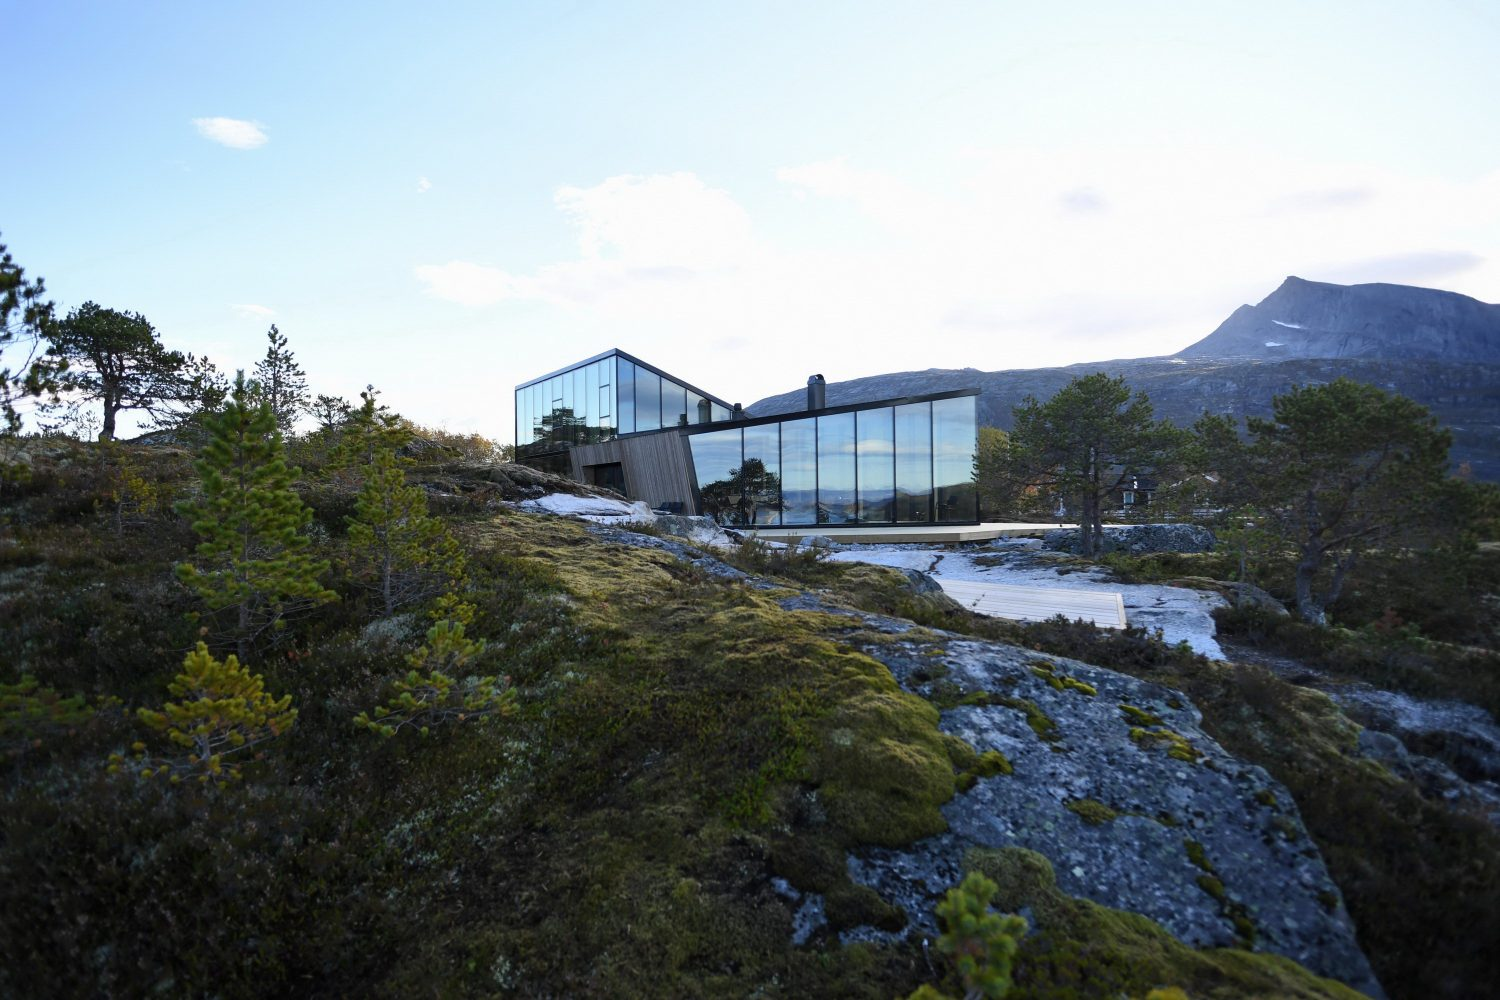 Efjord Retreat Cabin by Stinessen Arkitektur